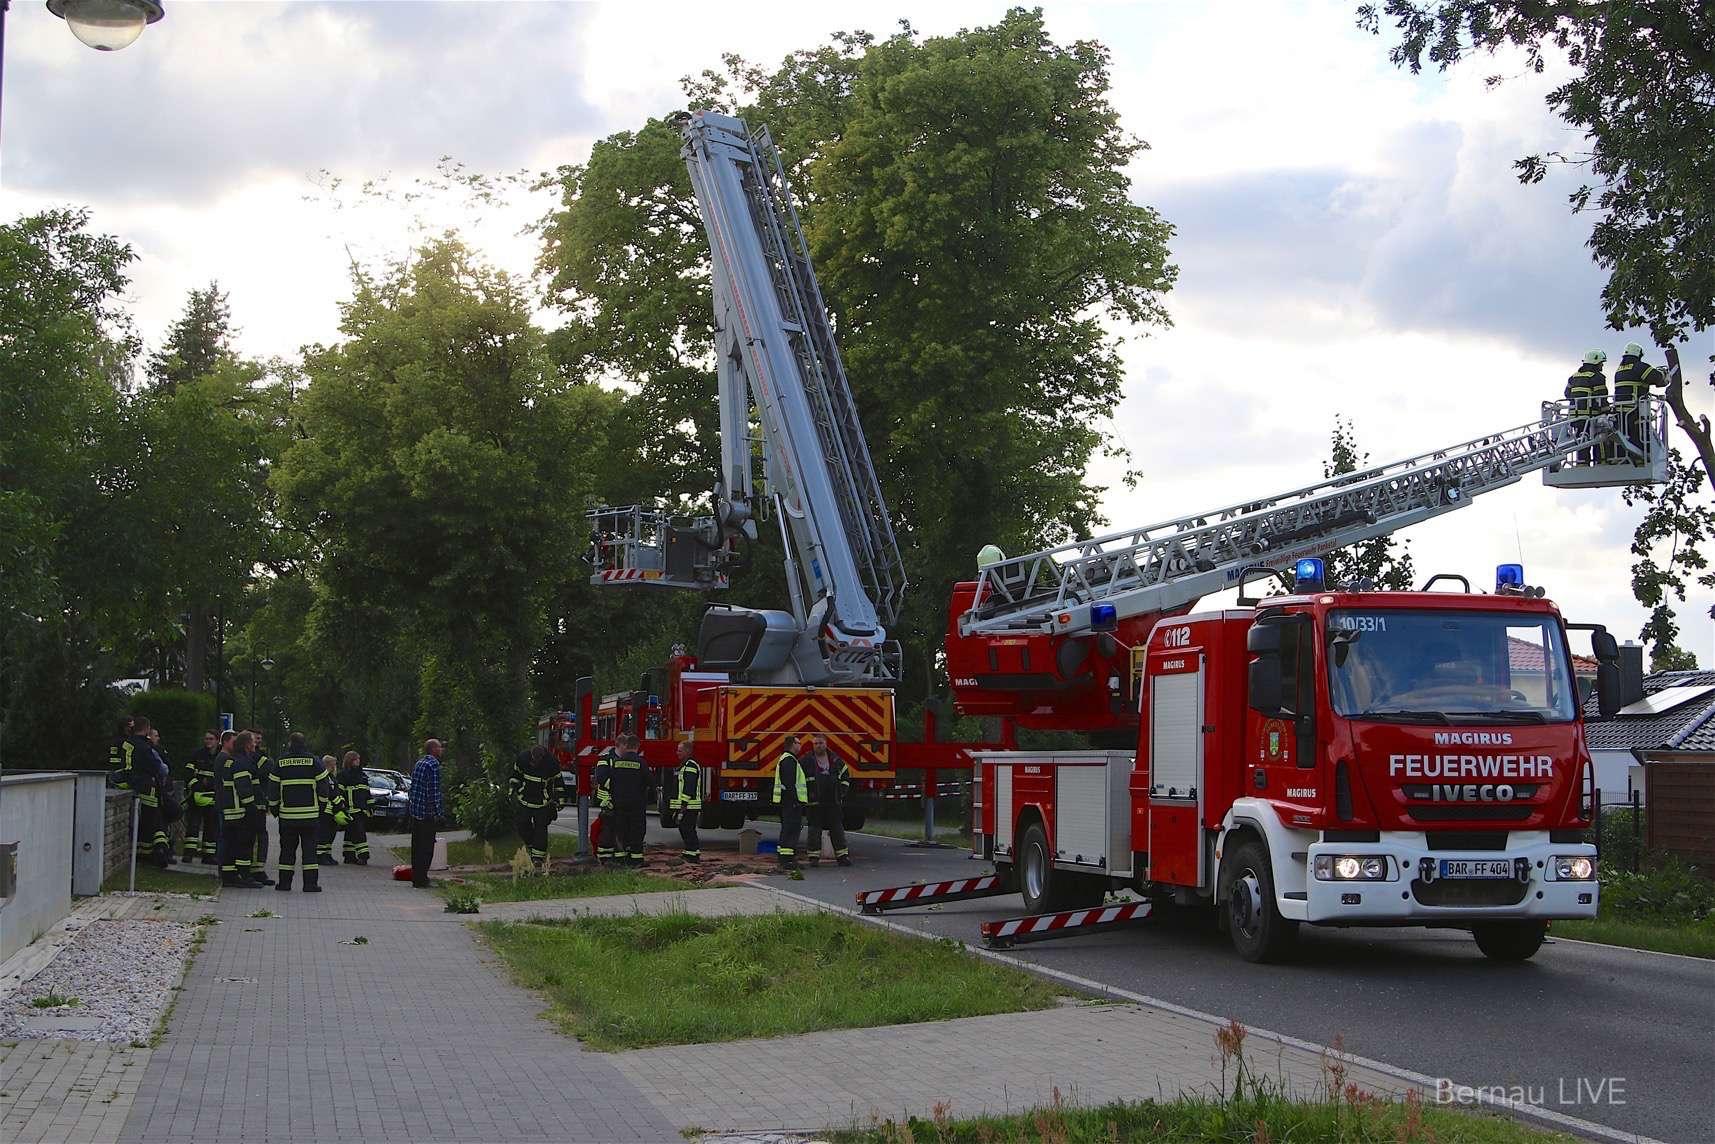 Wenn die Feuerwehr Bernau selbst einmal Hilfe braucht